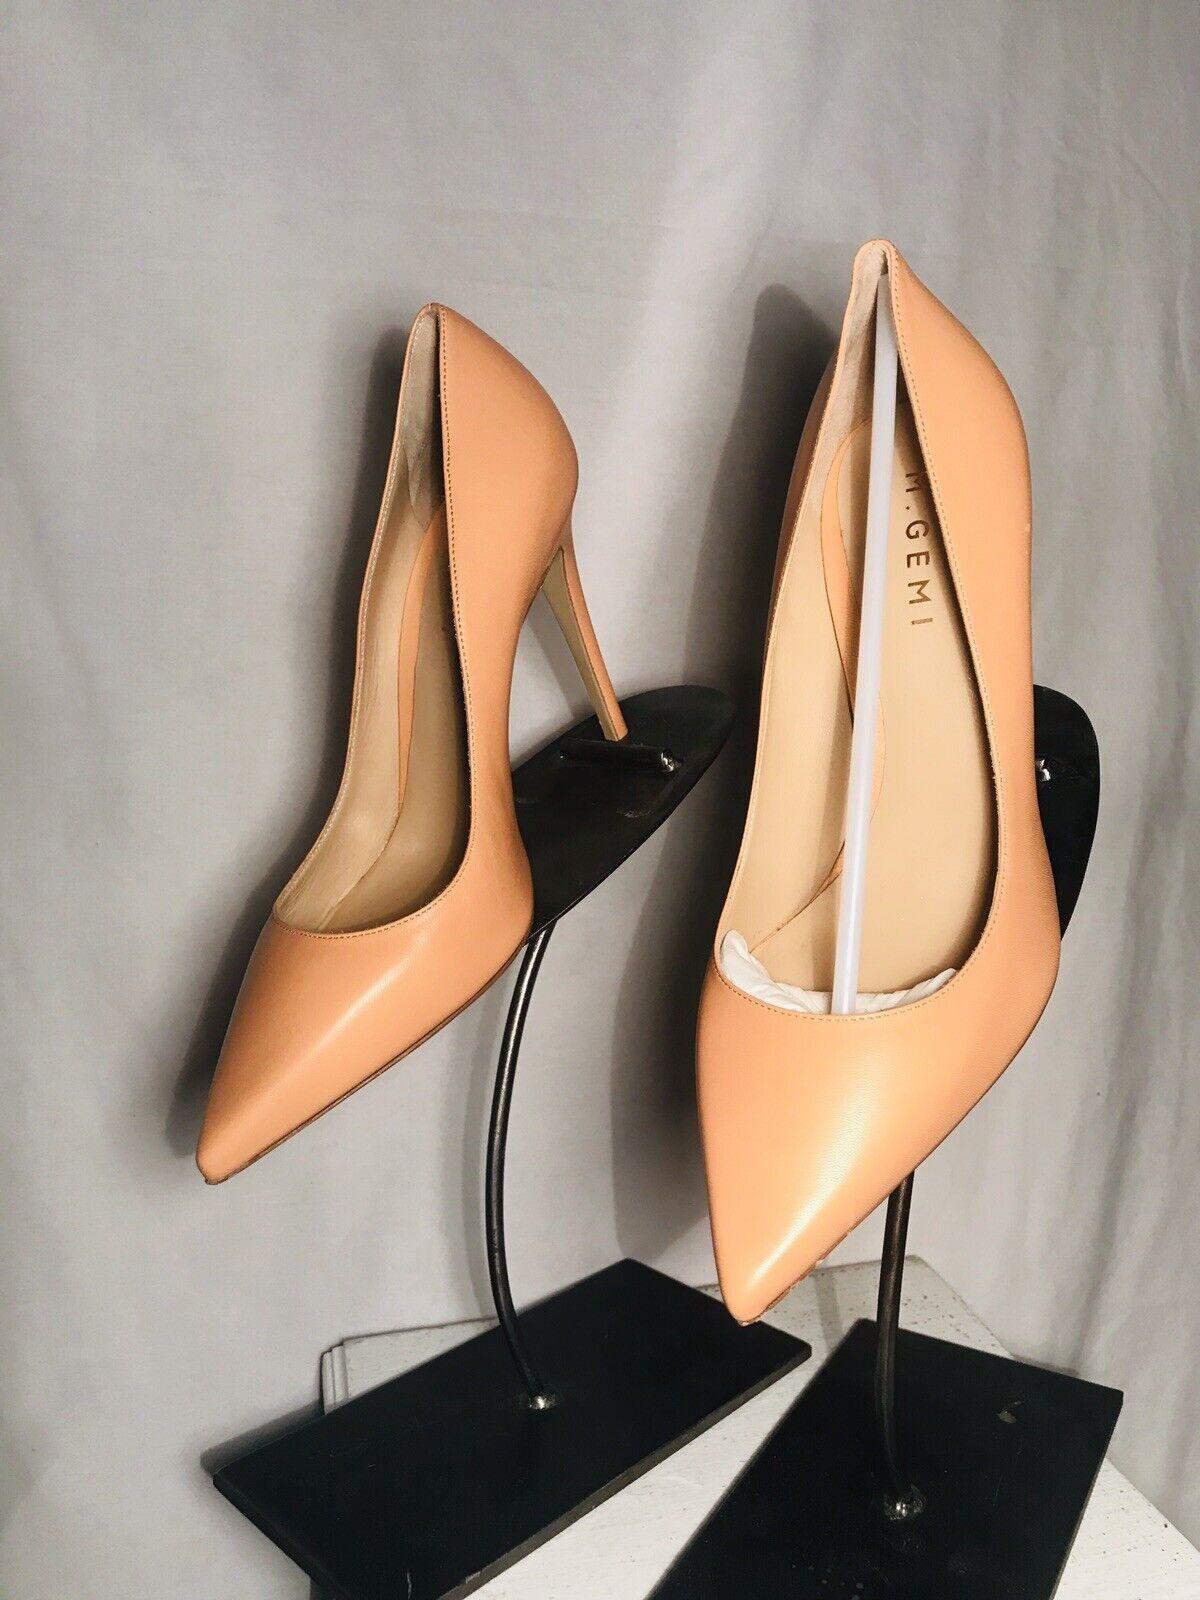 vendite calde donna's  278 M. Gemi The Cammeo Peach Napa Napa Napa Pumps Heels  Dimensione 8.5M  la vostra soddisfazione è il nostro obiettivo